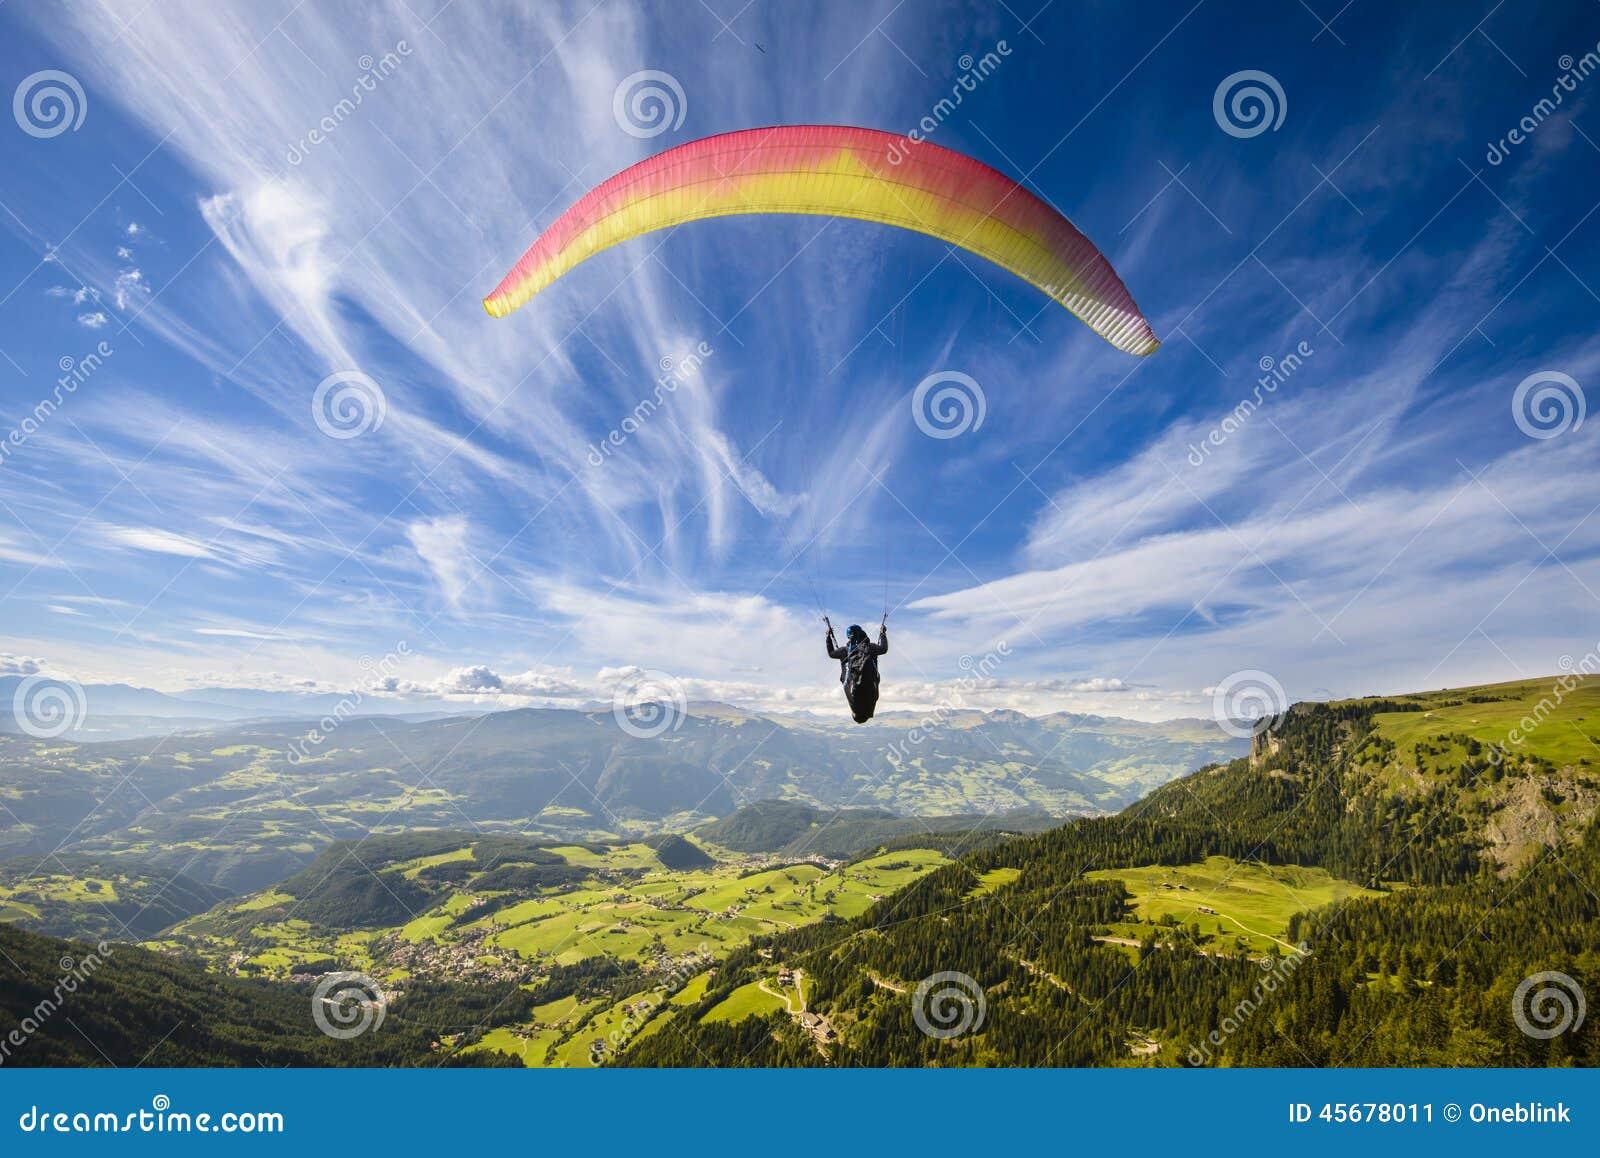 Vôo do Paraglider sobre montanhas